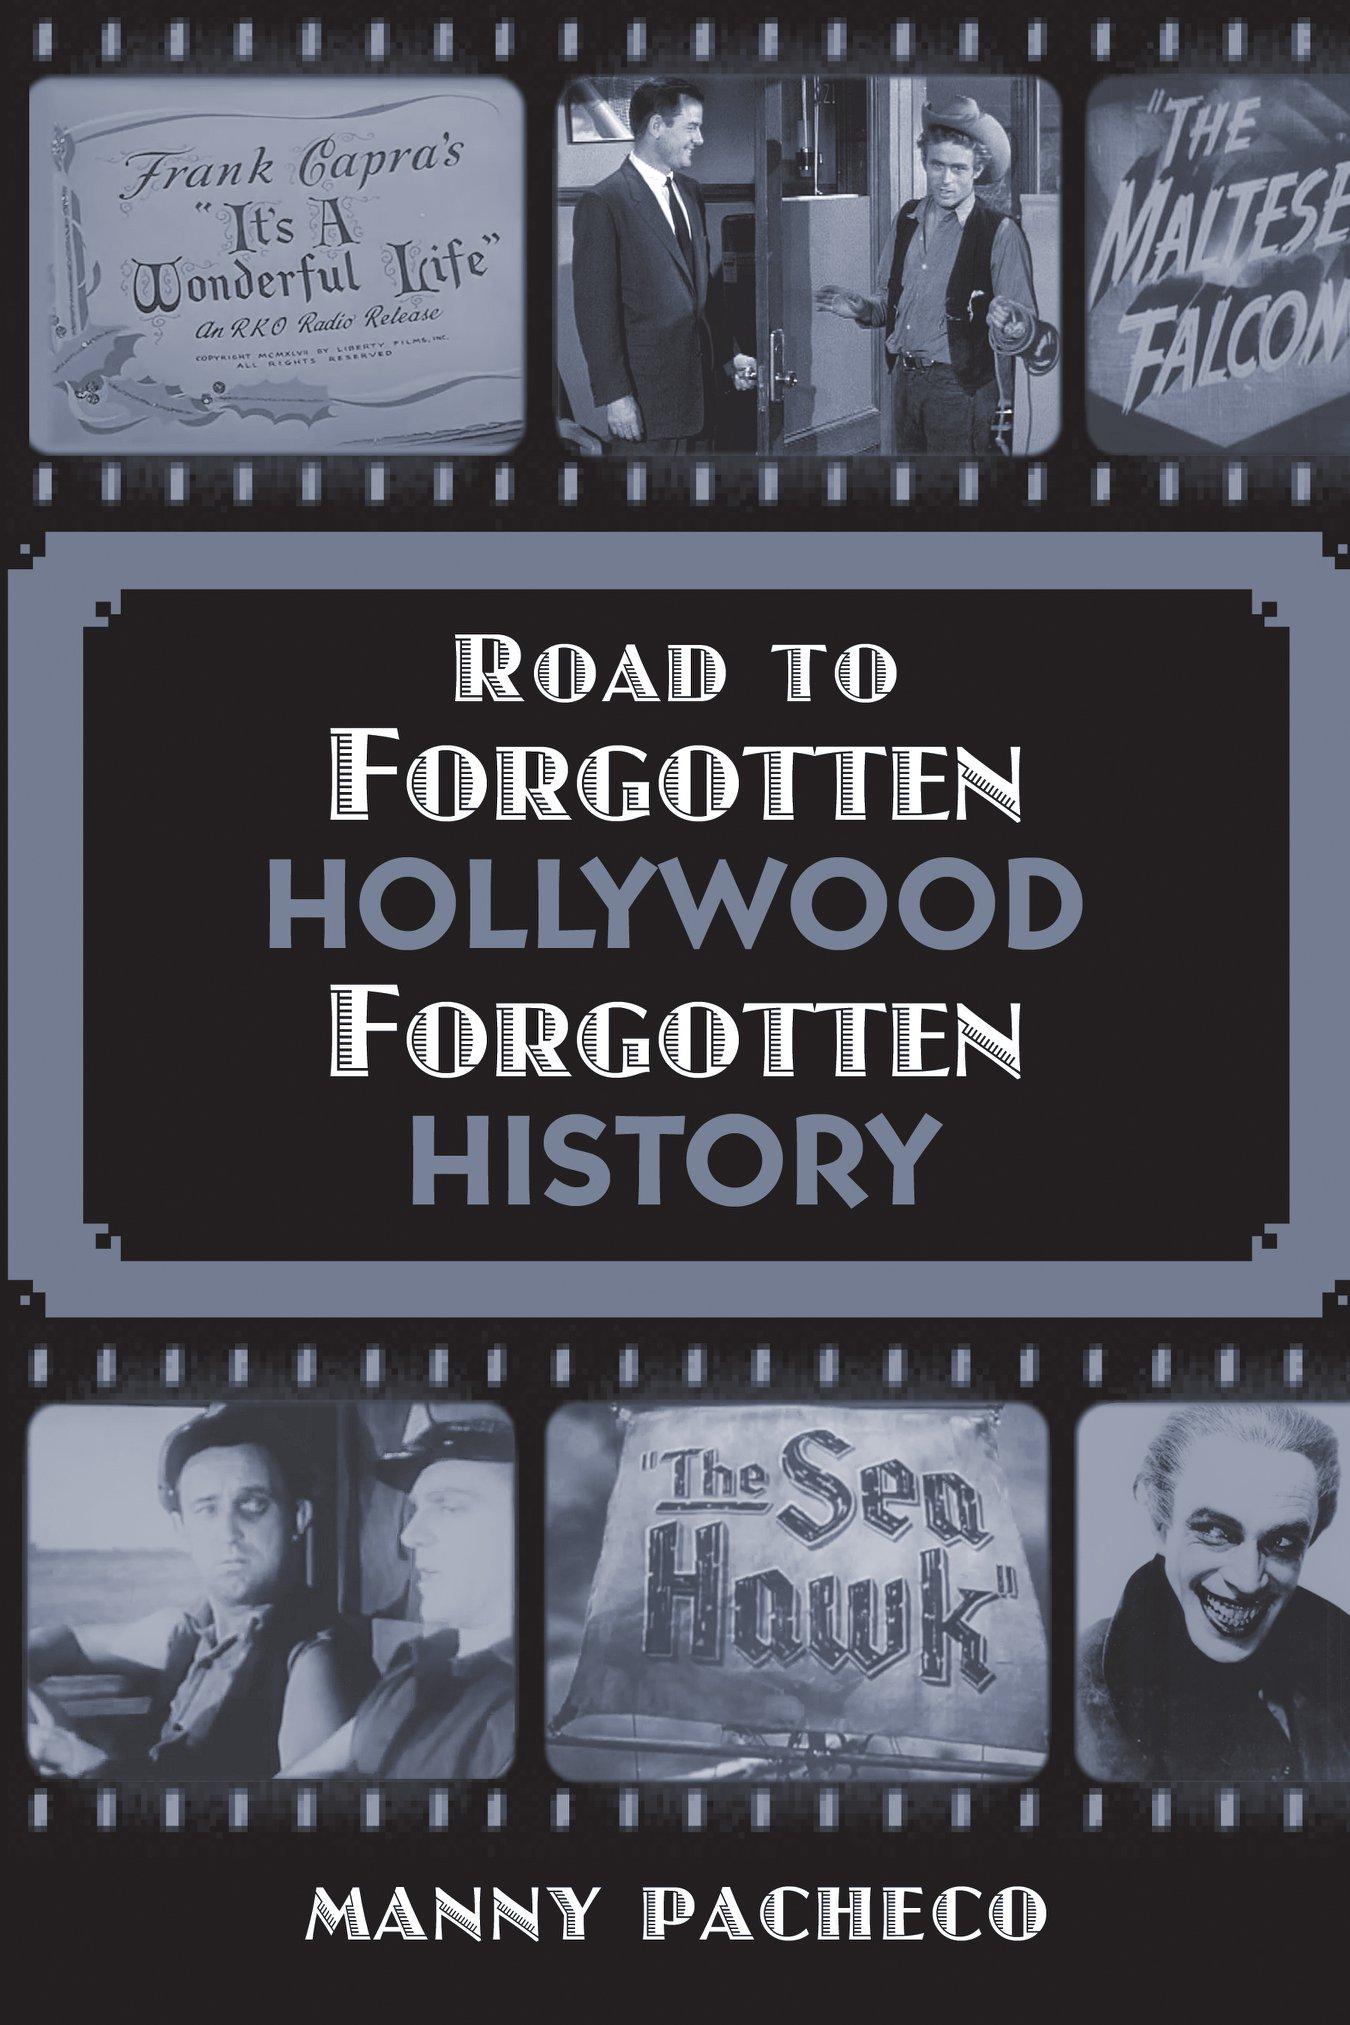 Road to Forgotten Hollywood, Forgotten History.jpg